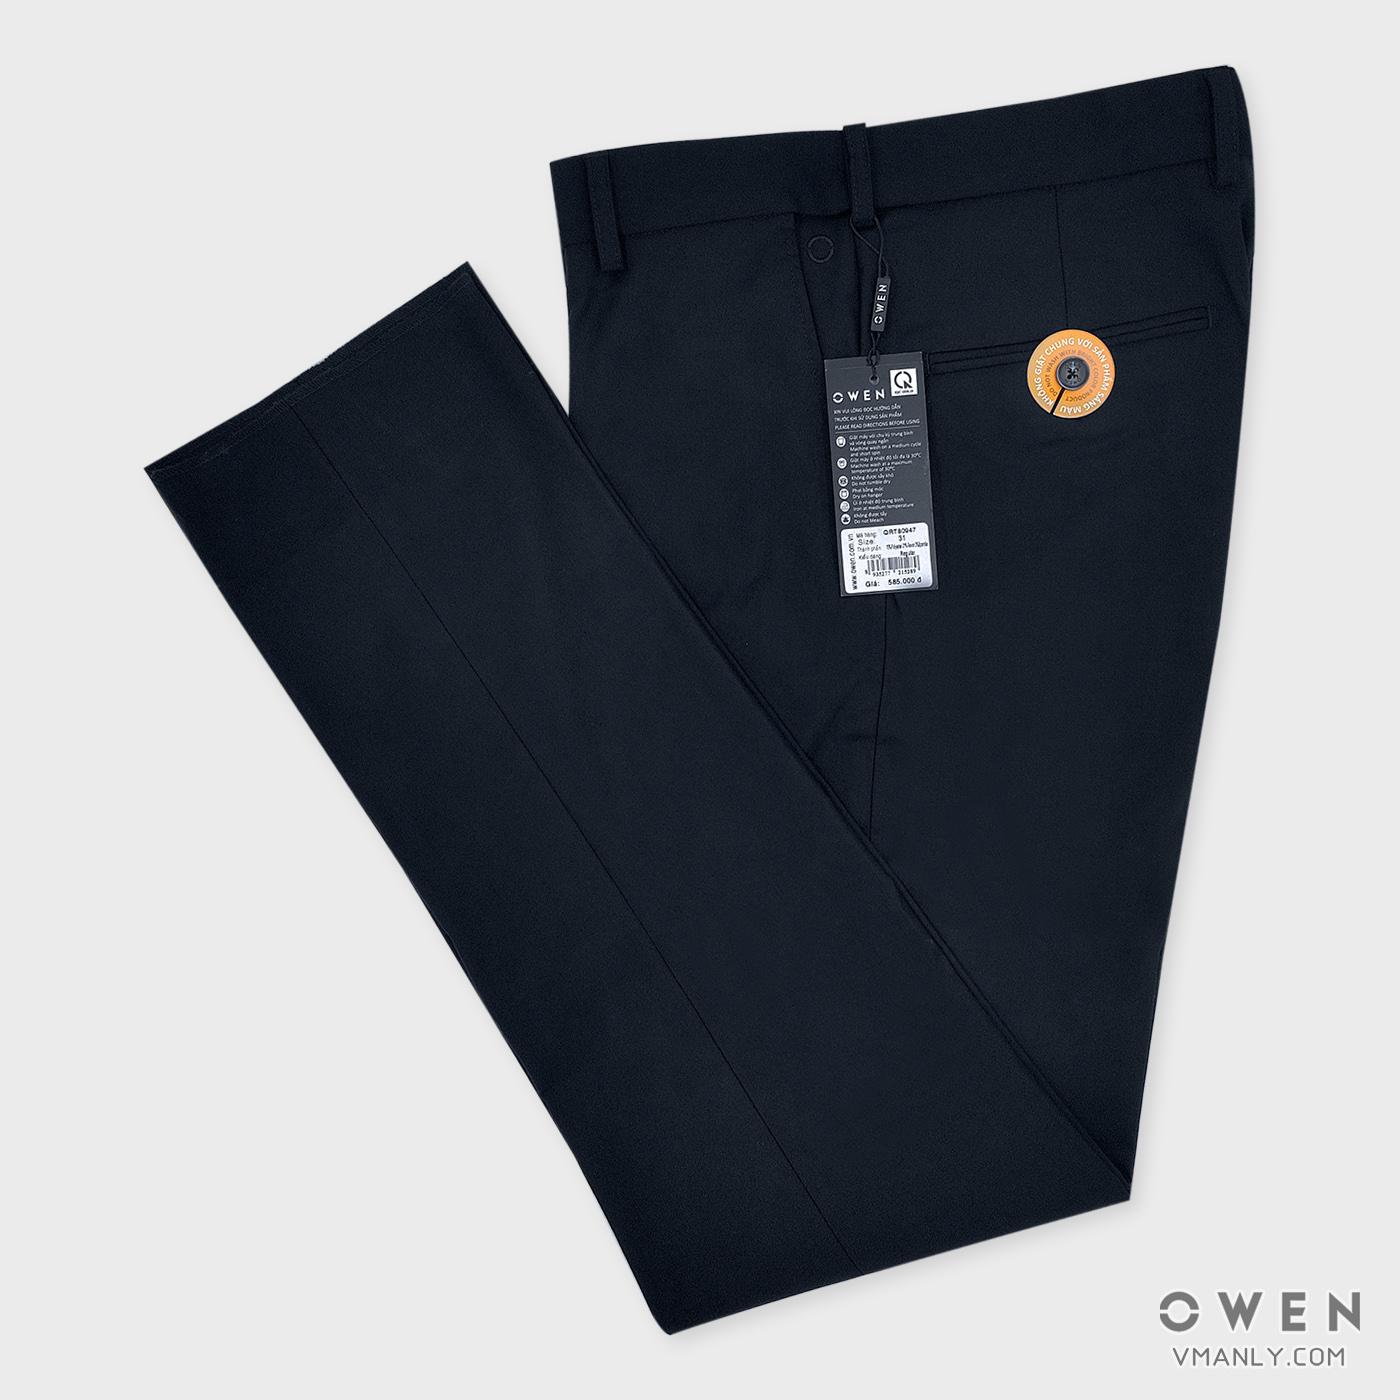 Quần tây Owen không li regular màu tím than QRT80947